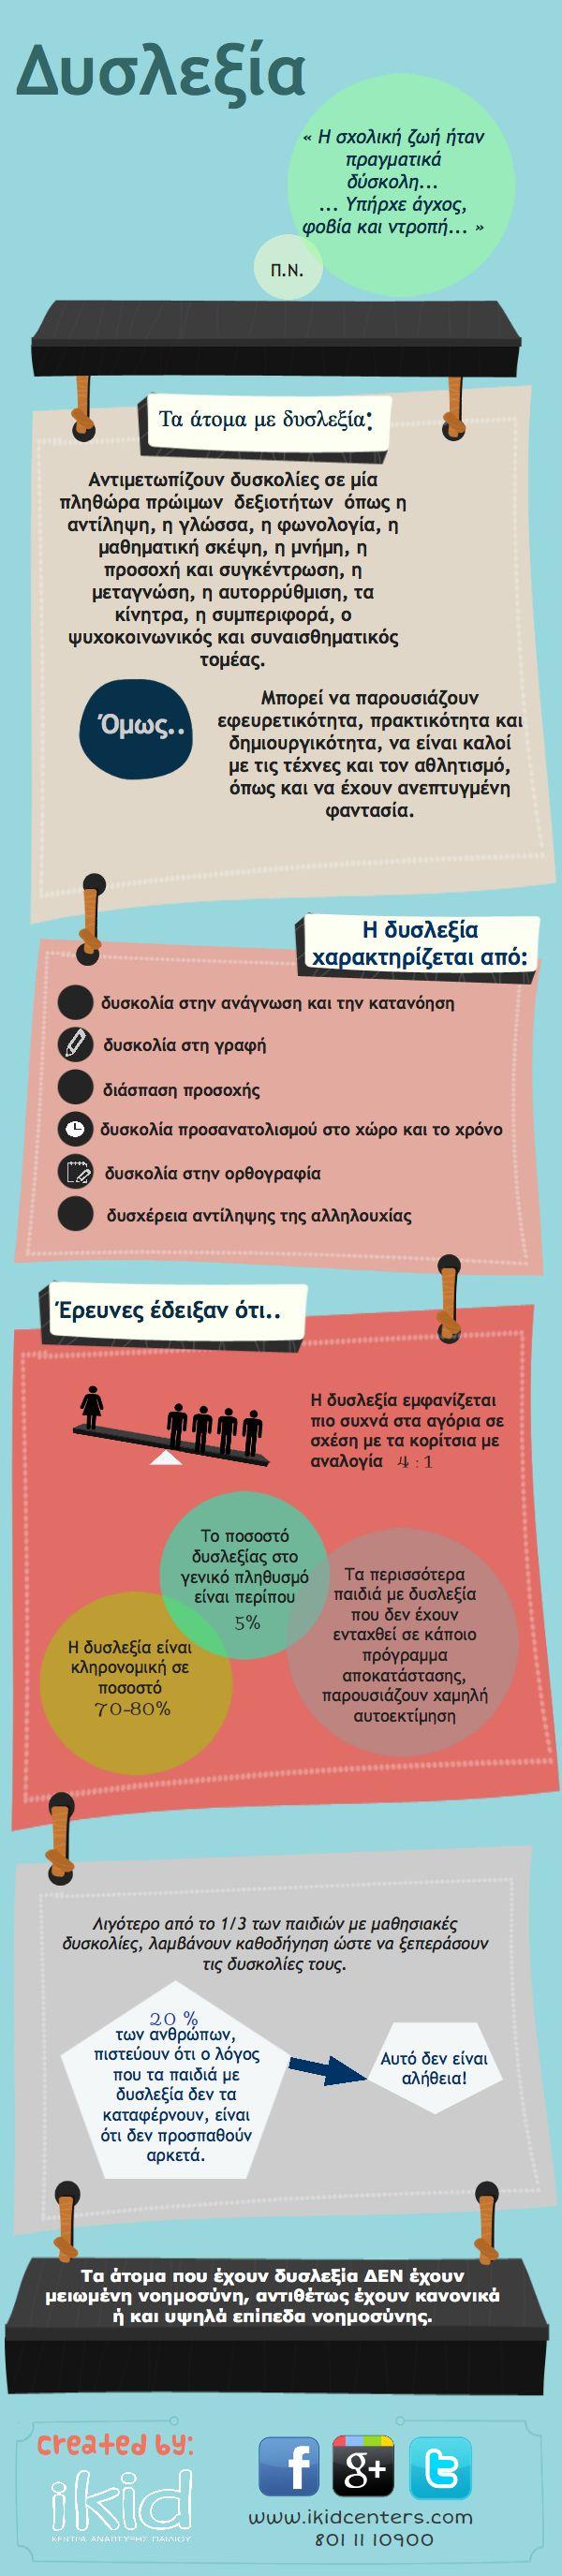 Δυσλεξία infographic